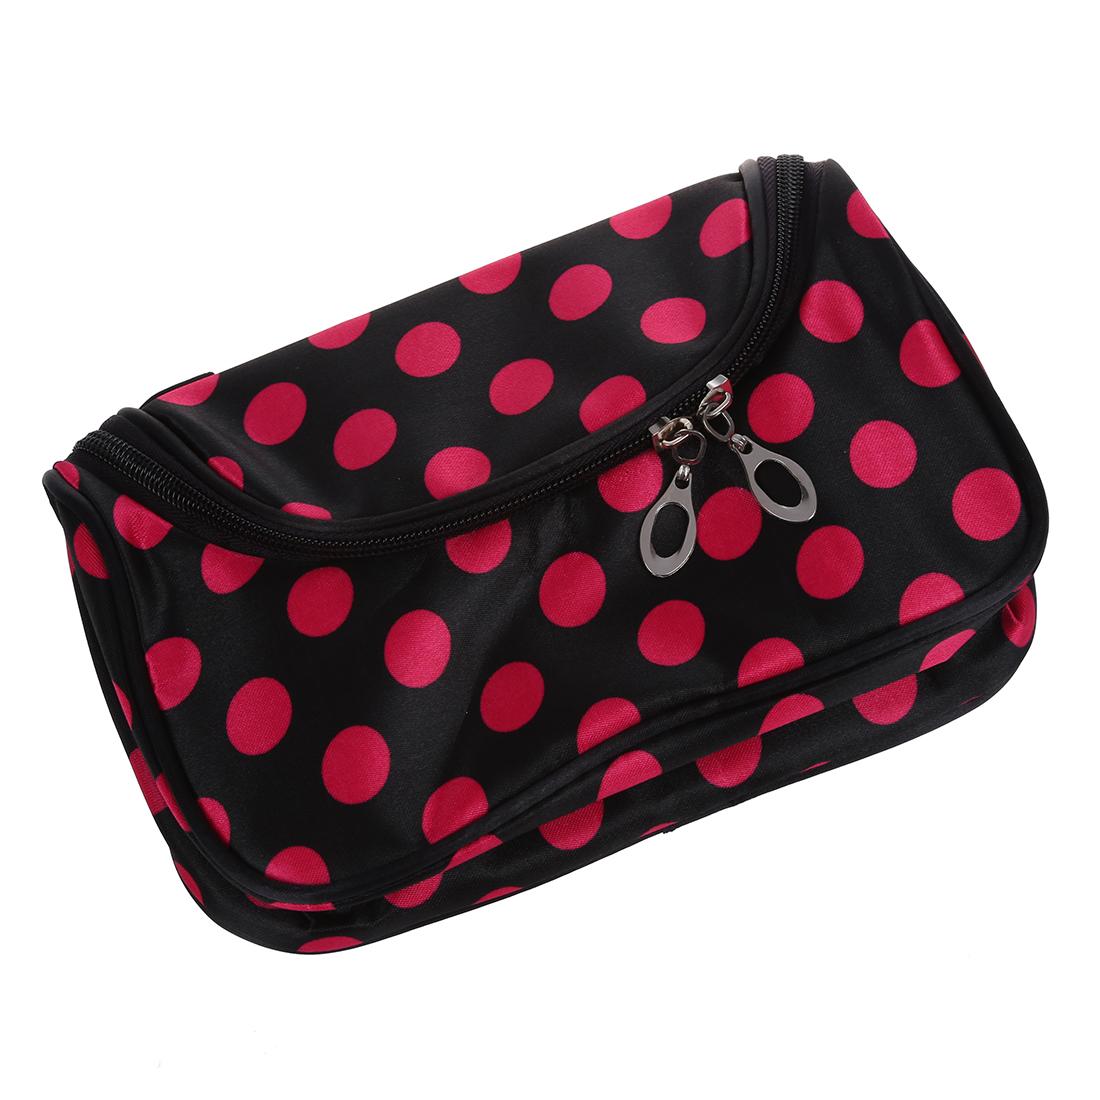 5x zipper sac cosm tique trousse de toilette avec des. Black Bedroom Furniture Sets. Home Design Ideas